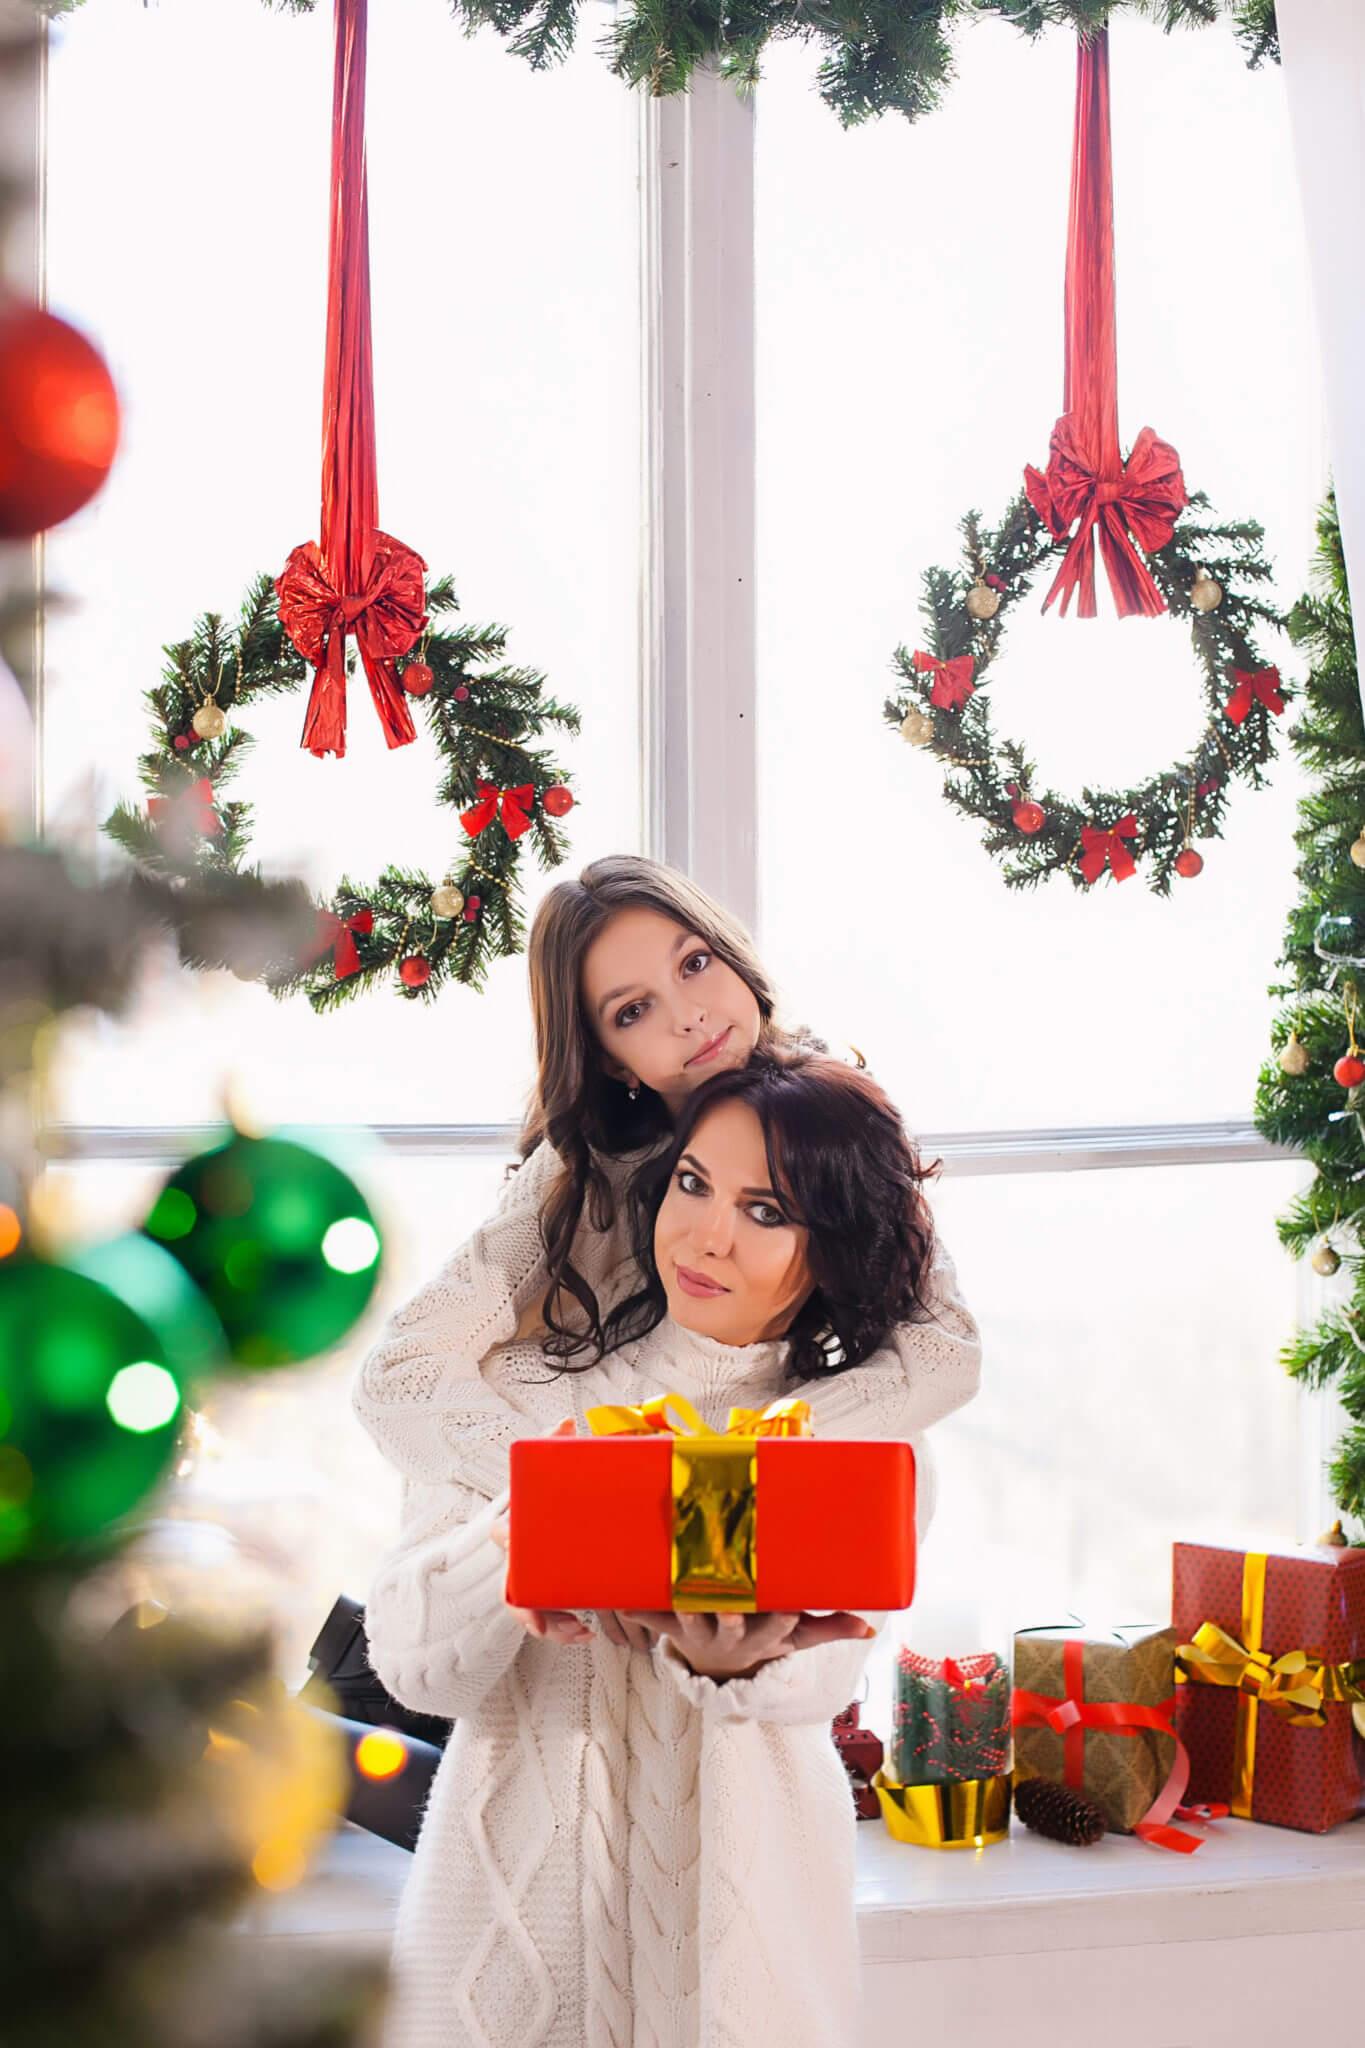 Новогодняя фотосессия, мама и дочь на фоне новогодних украшений